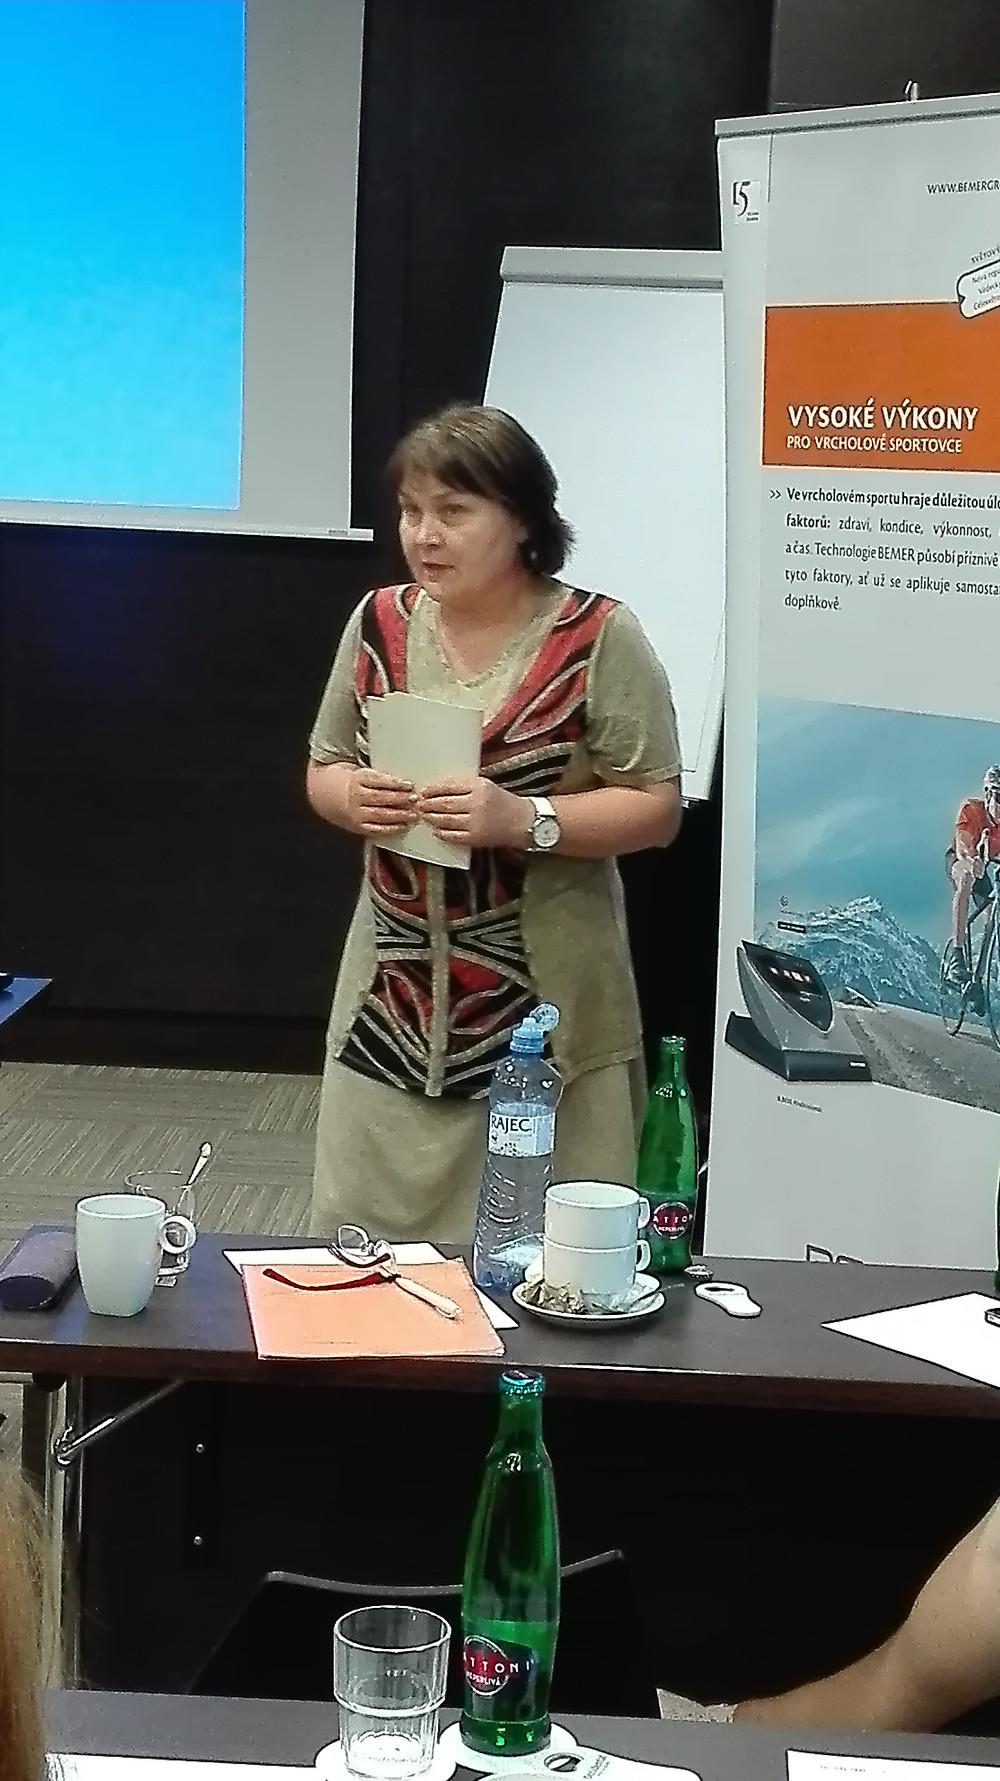 MUDr. K. Ferjenčíková, praktický lékař a Bemer